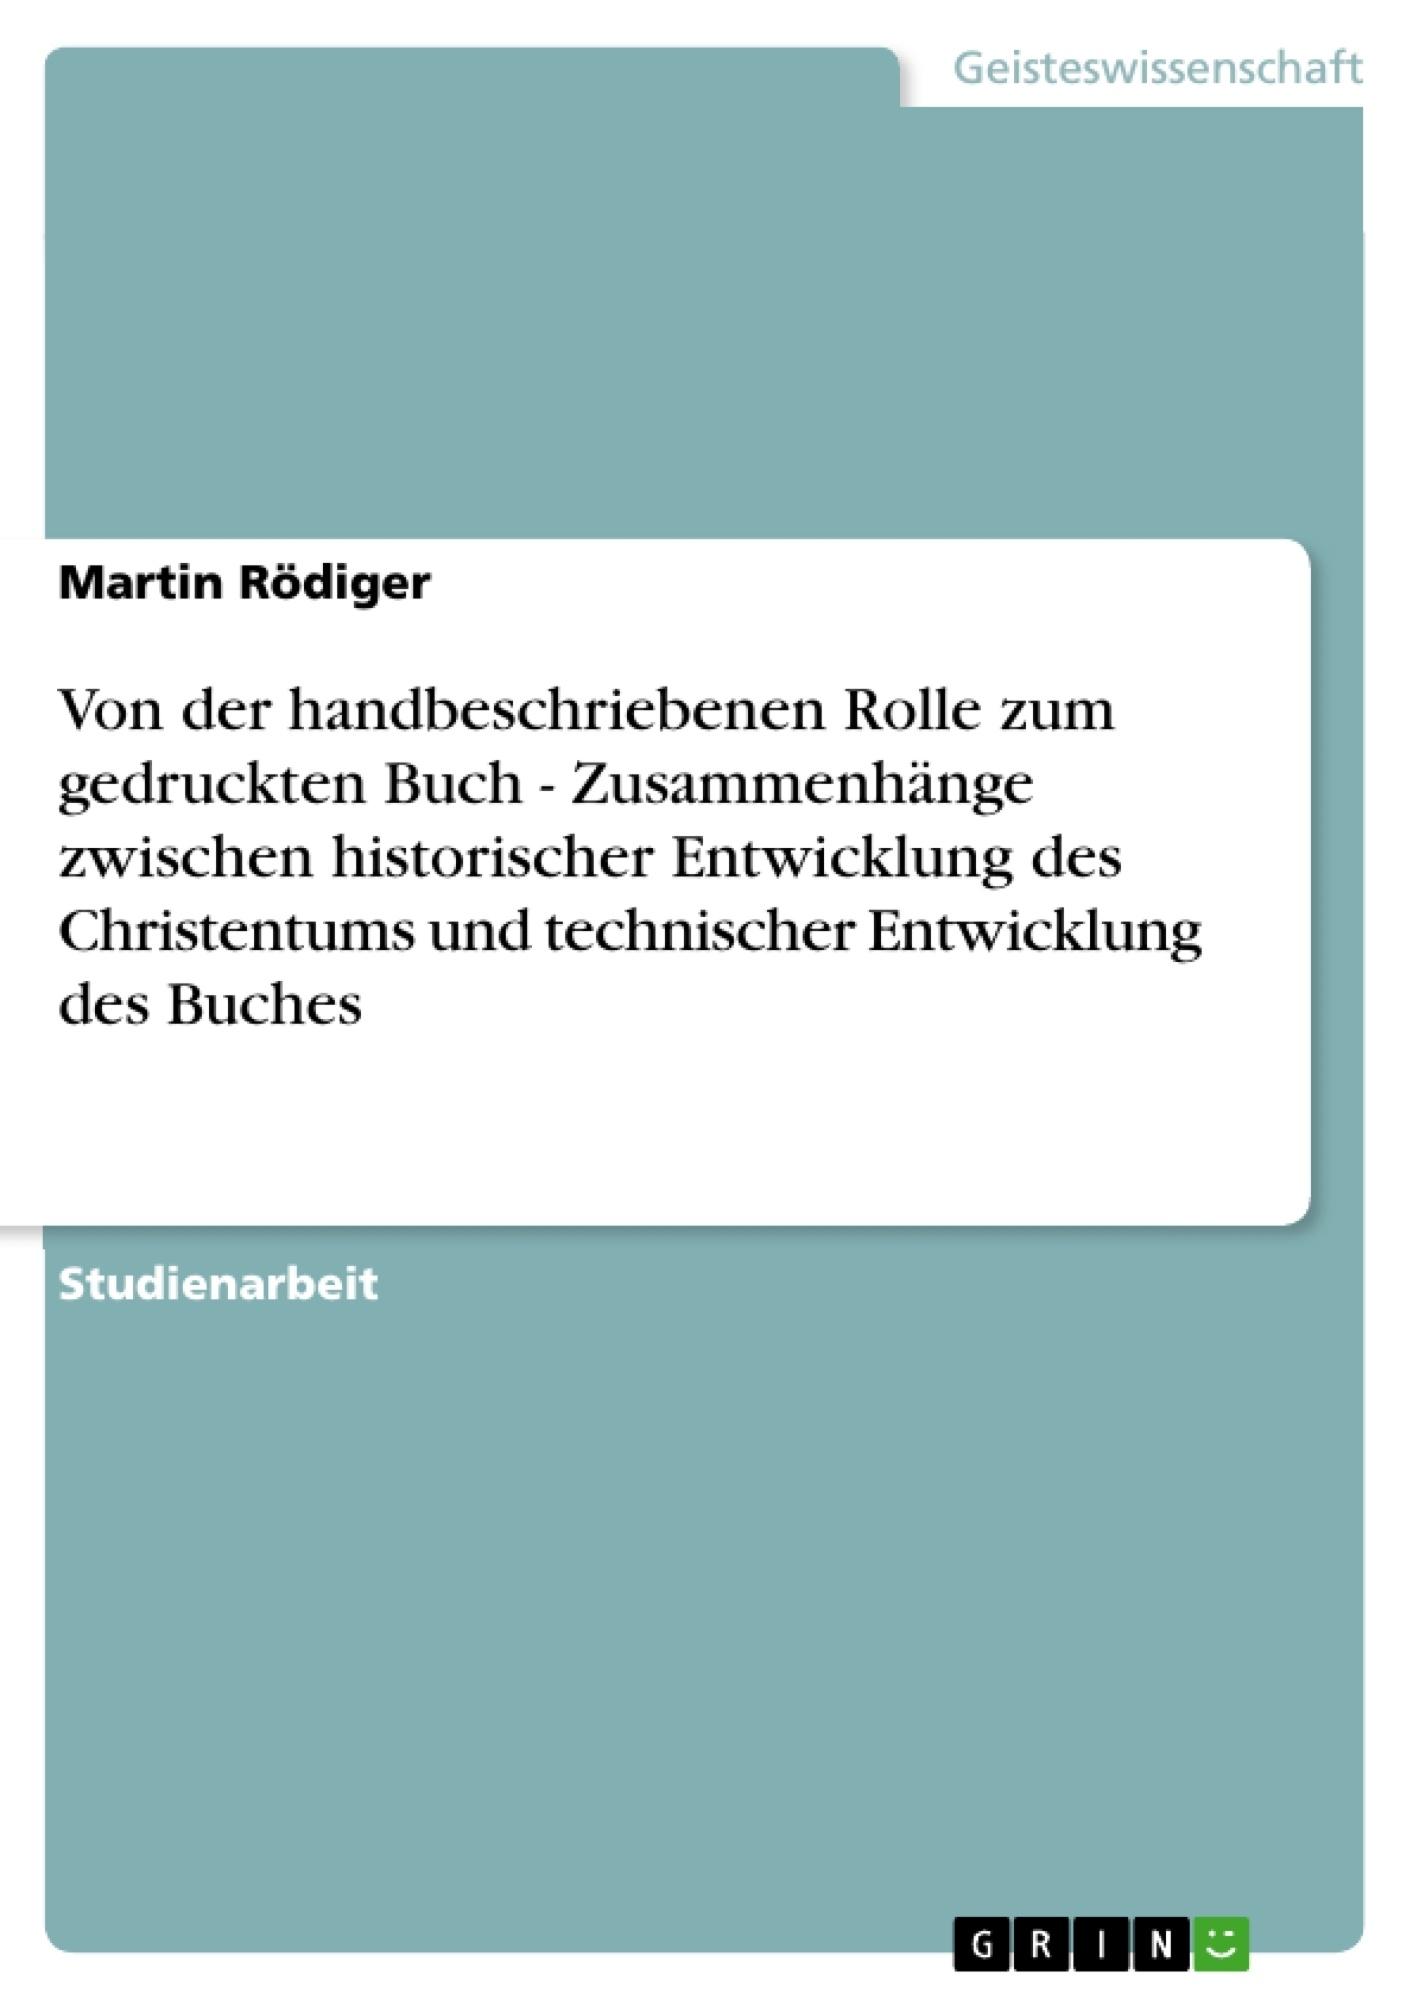 Titel: Von der handbeschriebenen Rolle zum gedruckten Buch - Zusammenhänge zwischen historischer Entwicklung des Christentums und technischer Entwicklung des Buches